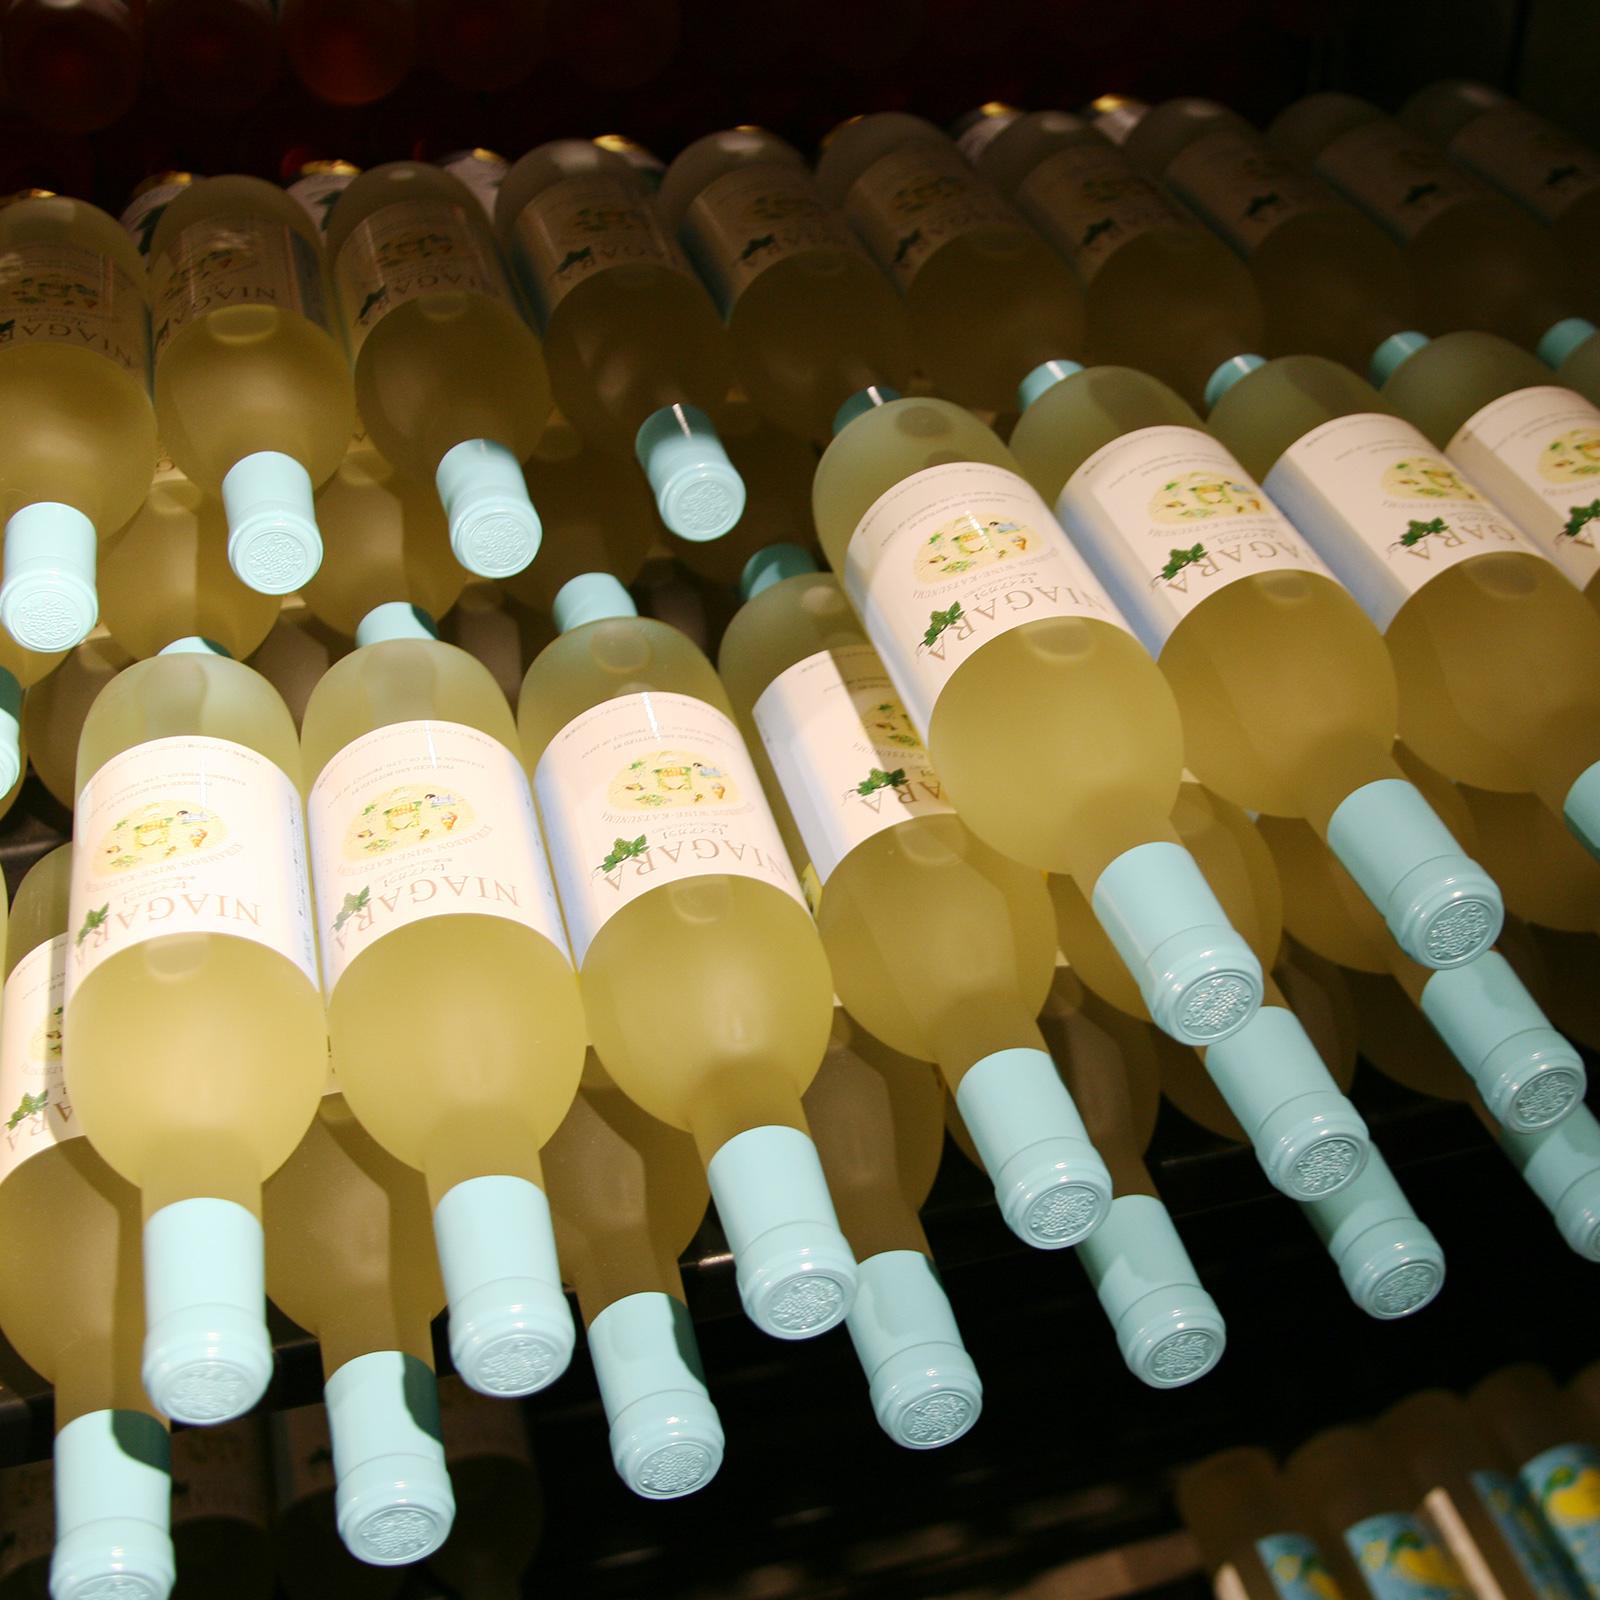 最近は女性客が目立って増えており、人気の集中するワインはすぐに売り切れてしまうとか。在庫の確保が大変そうだ。